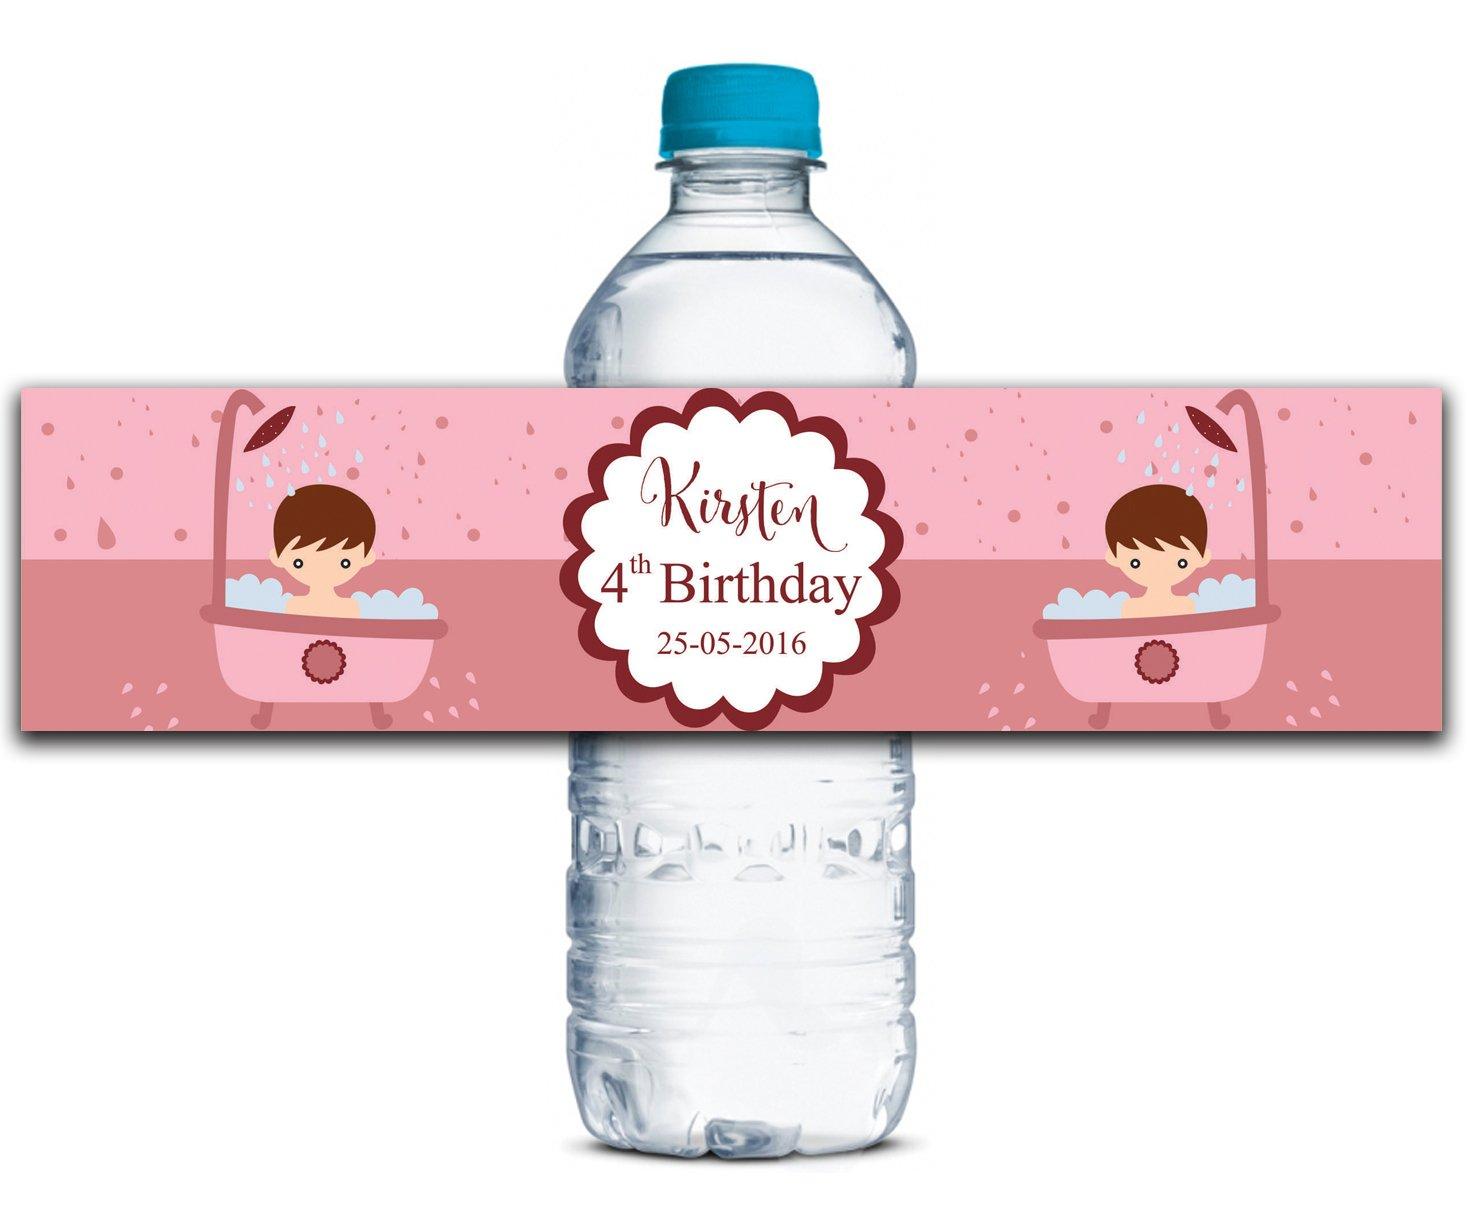 Personalisierte Wasserflasche Wasserflasche Wasserflasche Etiketten Selbstklebende wasserdichte Kundenspezifische Geburtstags-Aufkleber 8  x 2  Zoll - 50 Etiketten B01A0W18I0 | Die erste Reihe von umfassenden Spezifikationen für Kunden  a88c7b